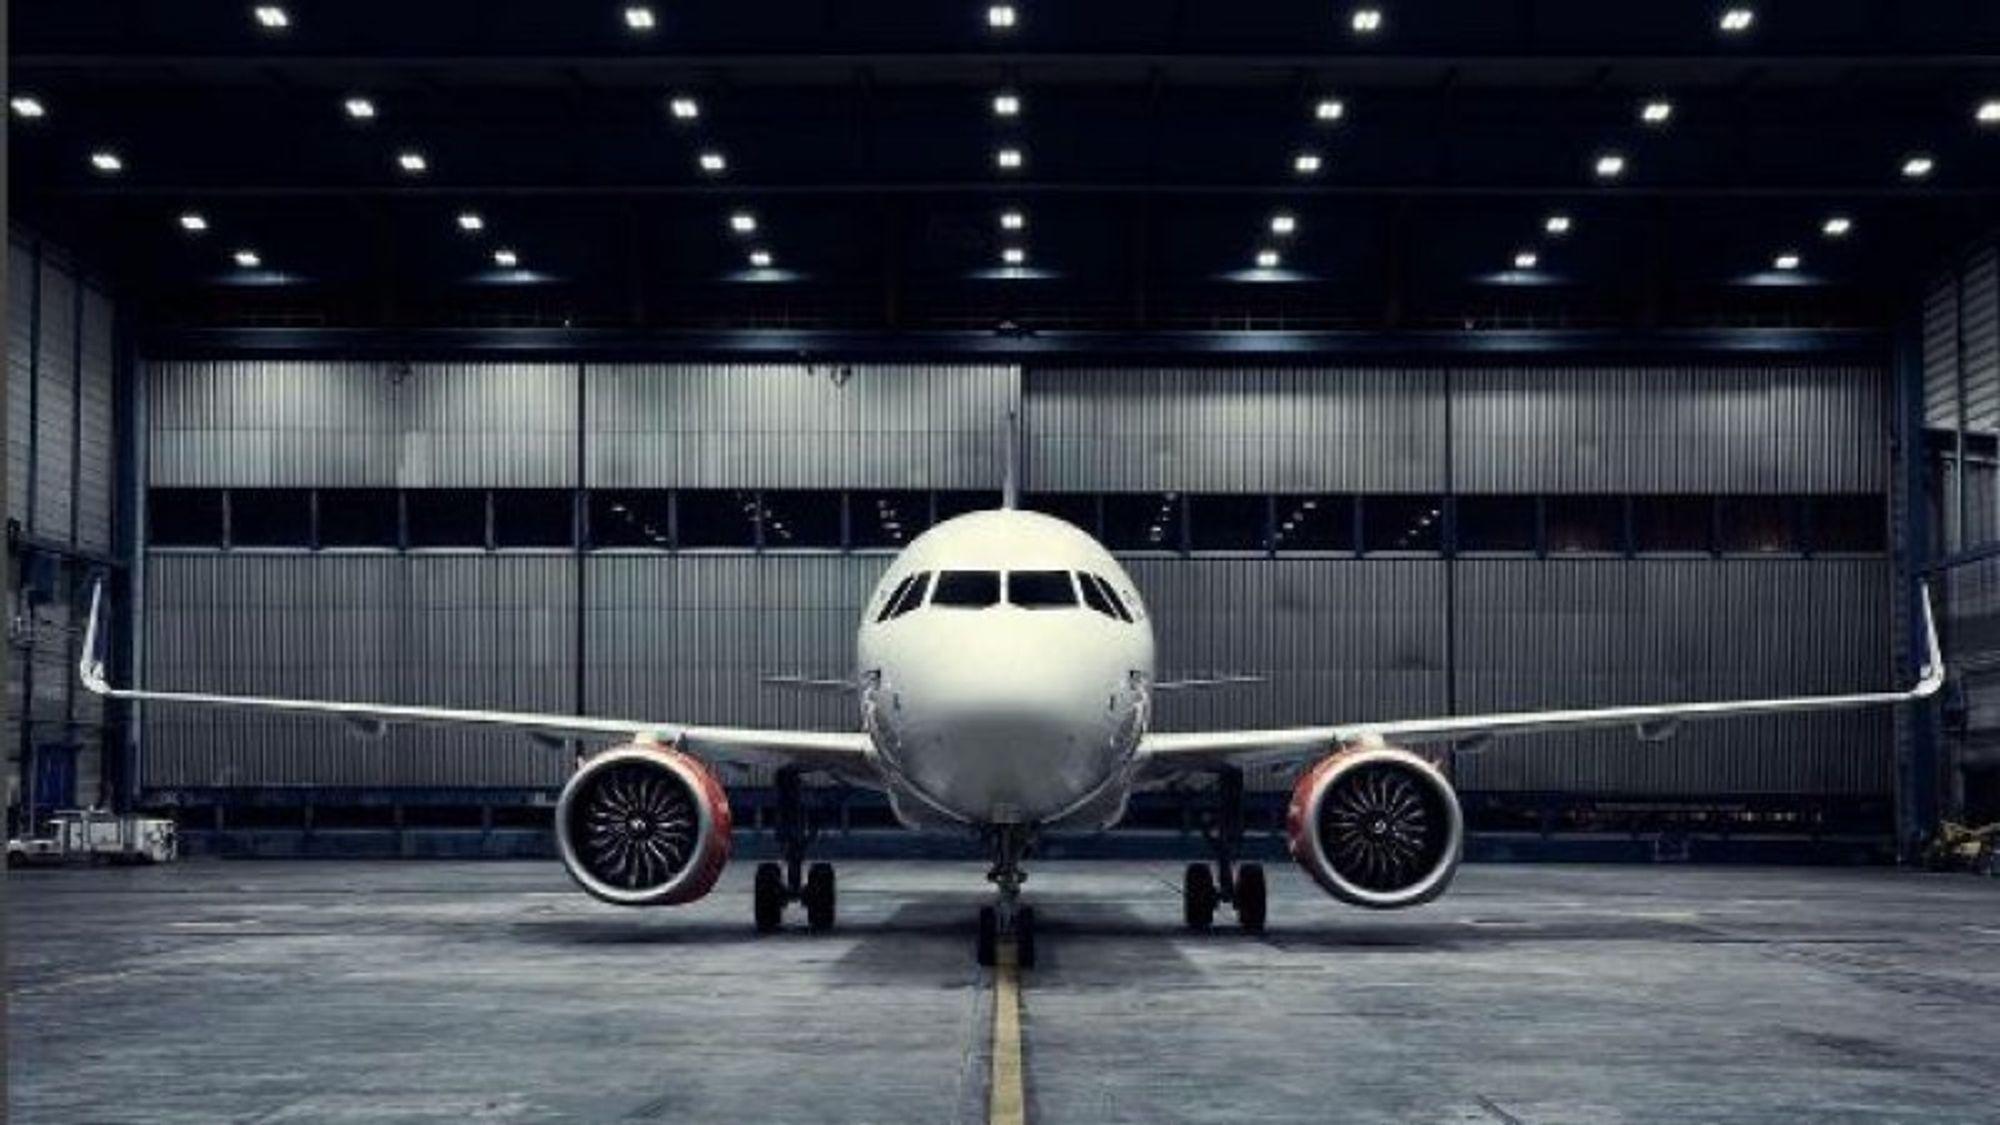 Airbus' A320neo stående i hangaren til SAS i Københavns Lufthavn. Legg merke til de såkalte wingletsene med vertikal utforming på tuppen av vingene.